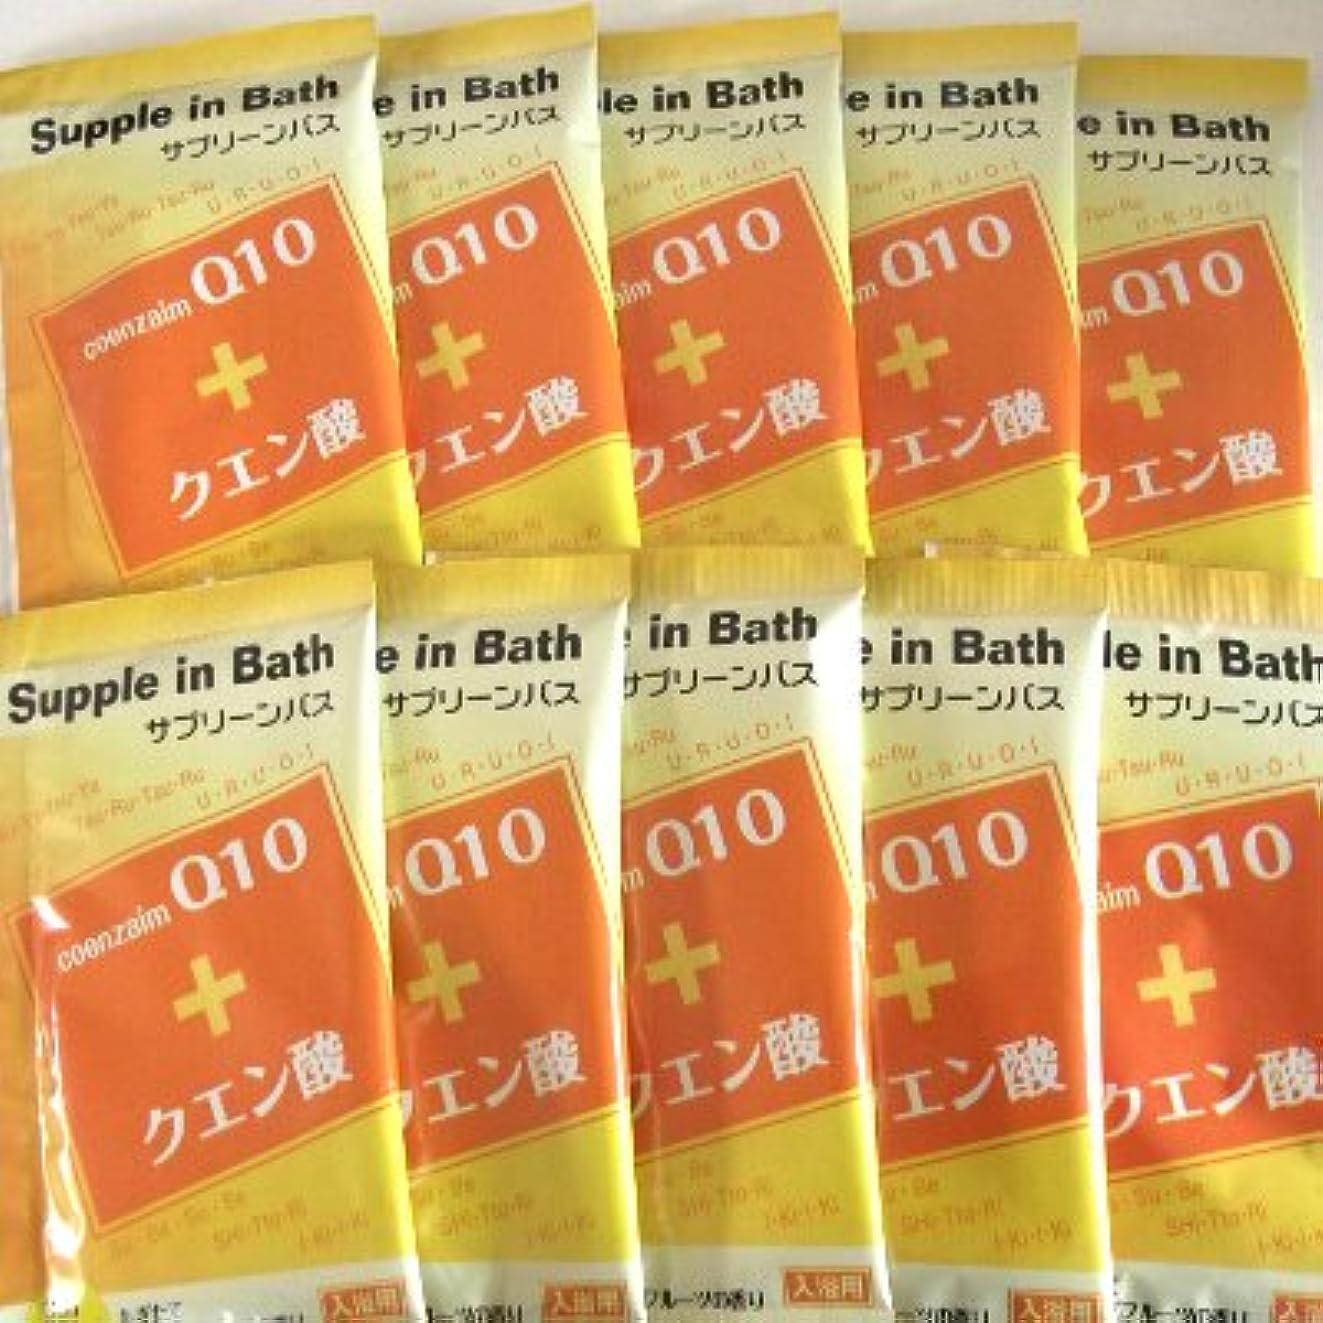 いたずらな日士気サプリーンバス コエンザイムQ10+クエン酸 10包セット